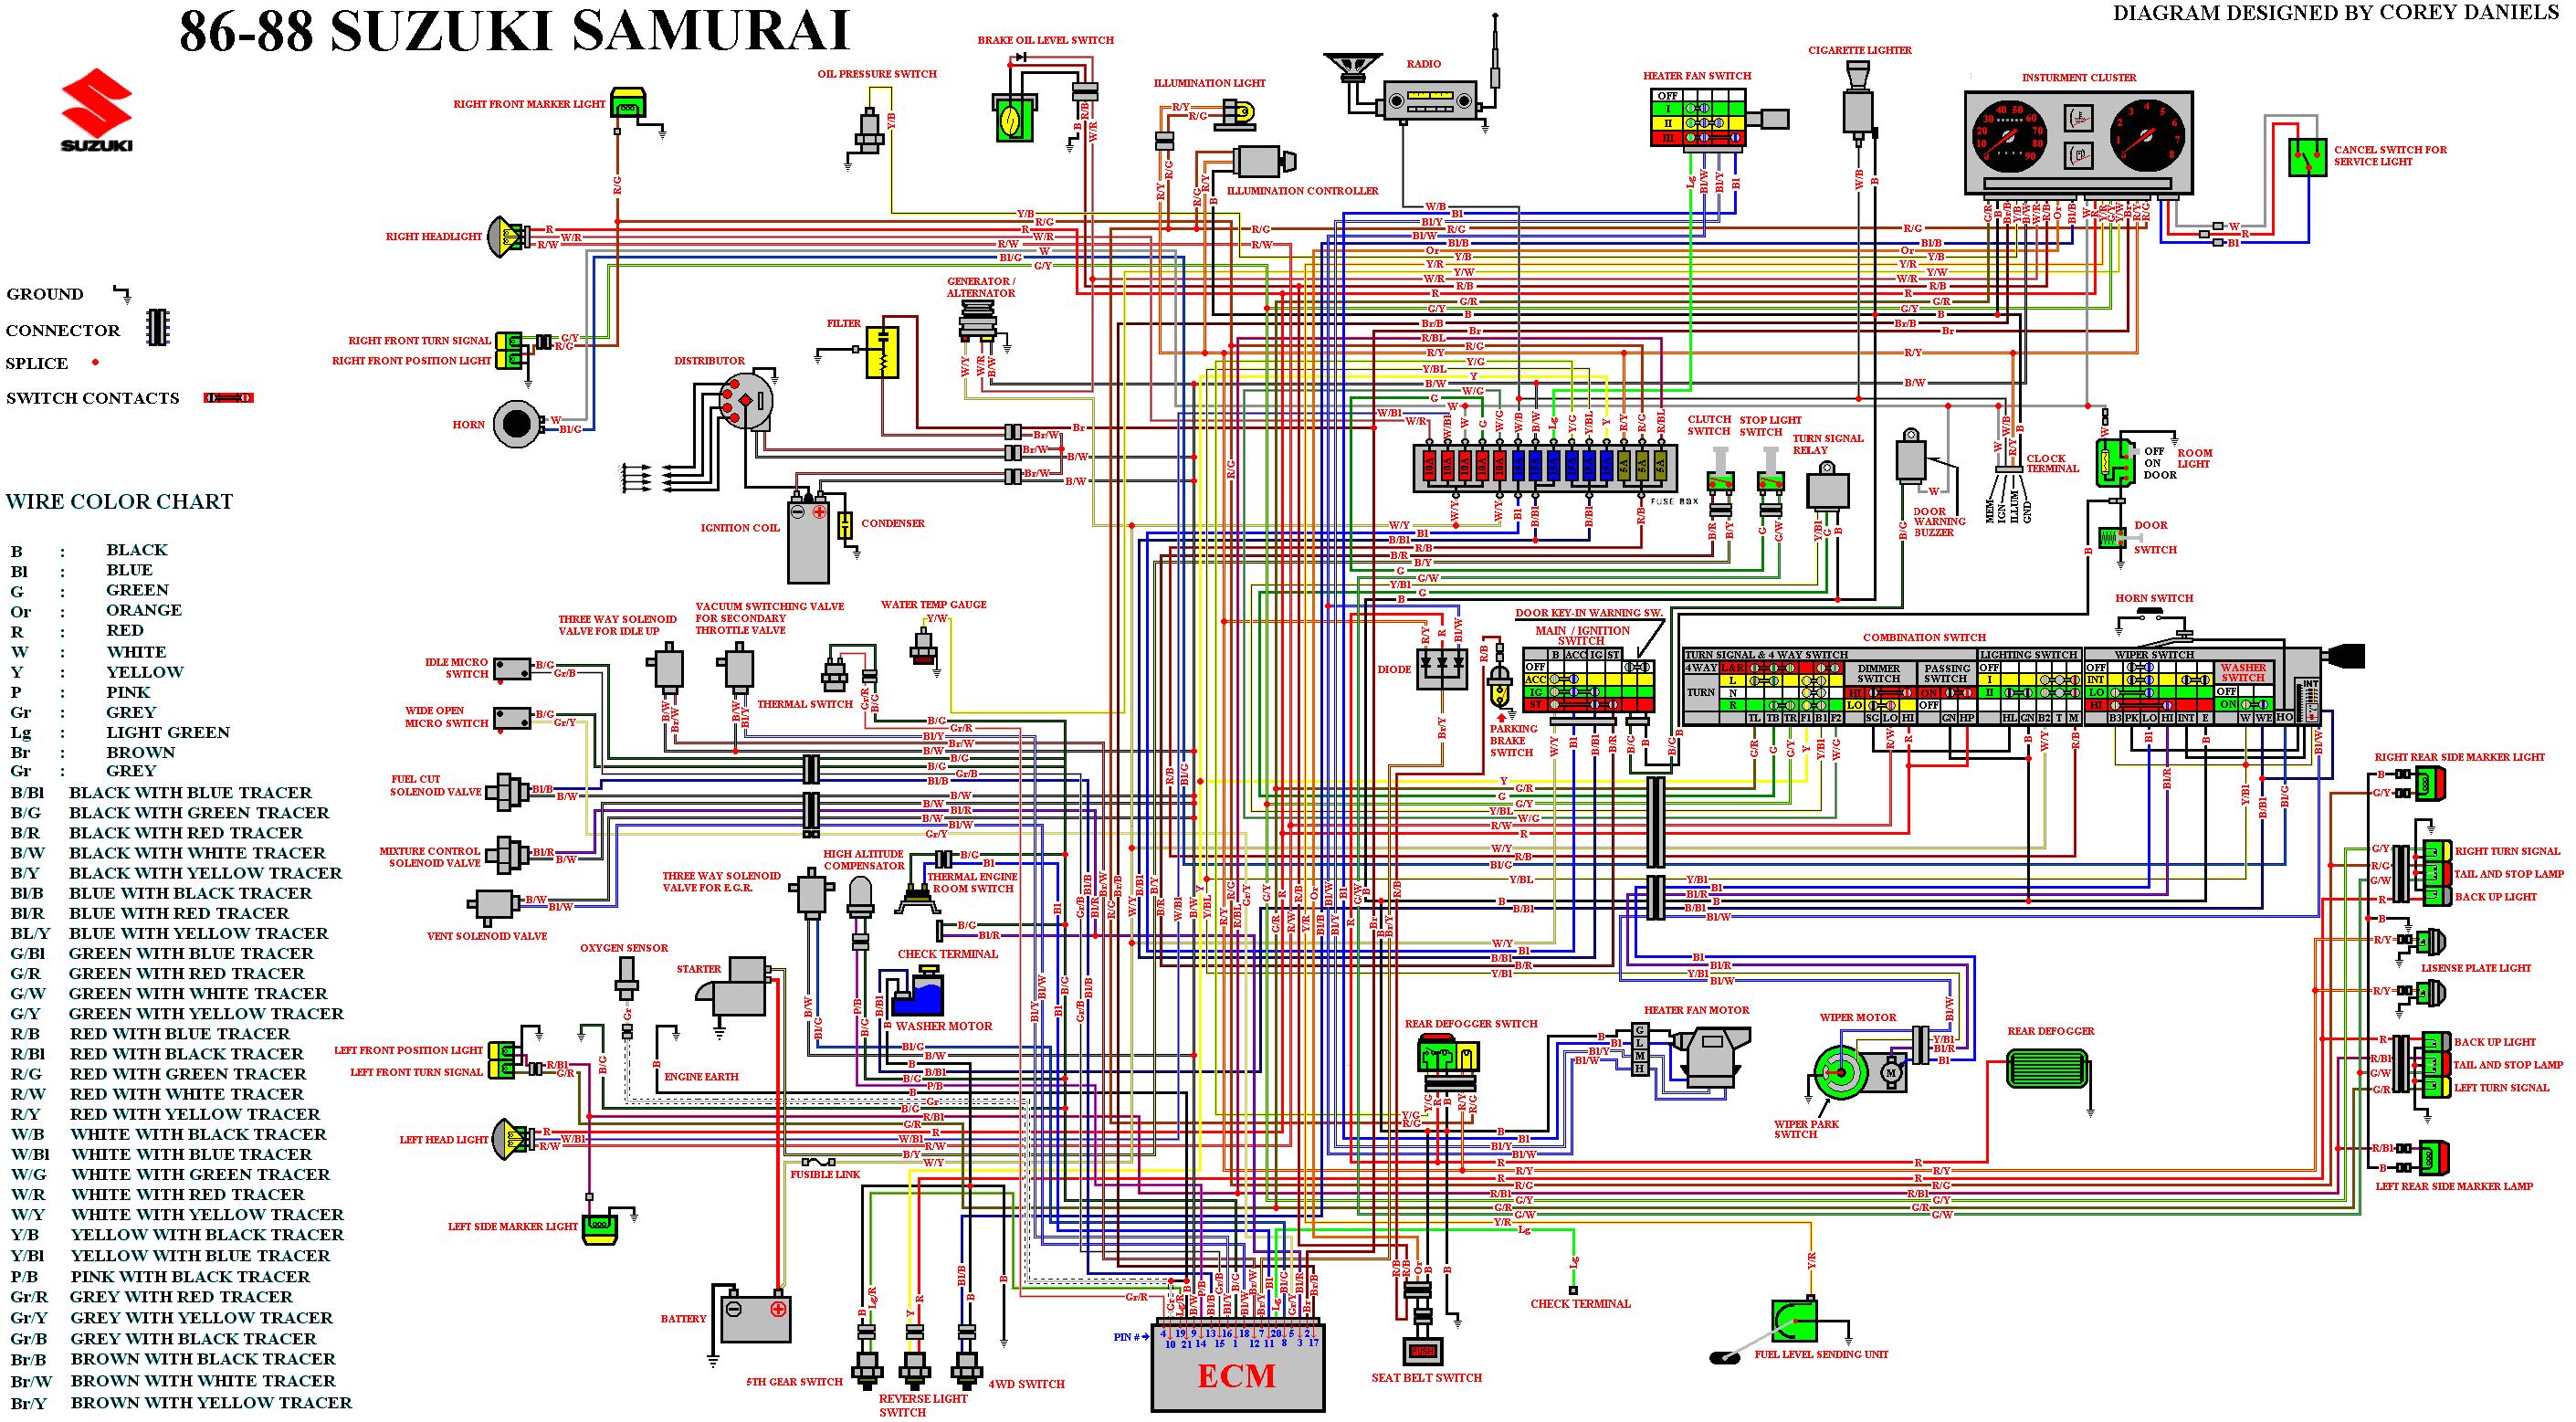 Wiring Diagram For Suzuki Xl7 Wiring Diagram Teach Teach Lechicchedimammavale It